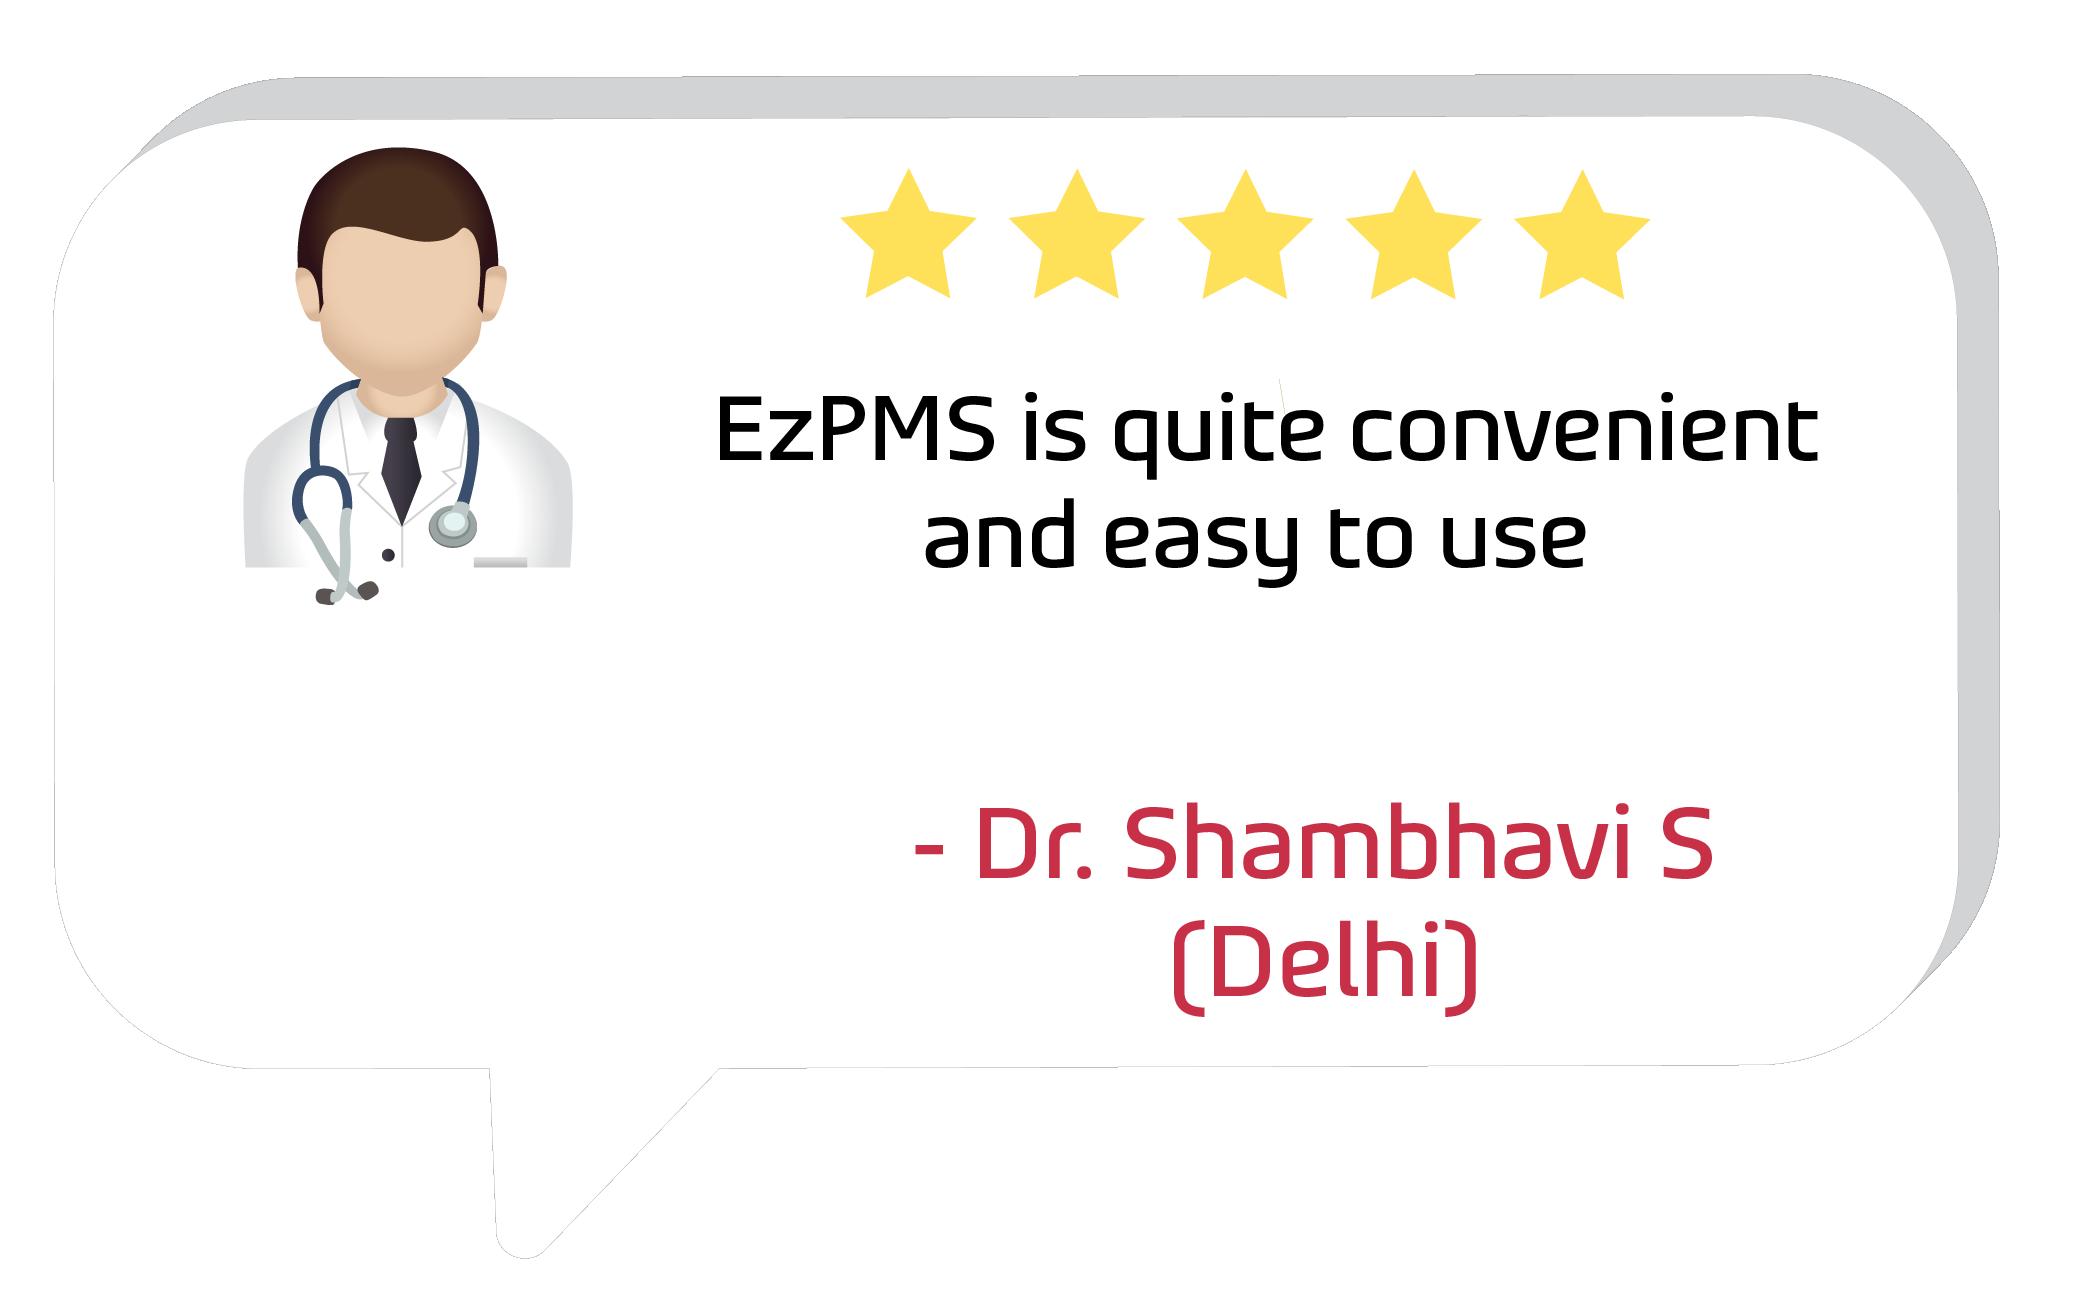 Dr. Shambhavi